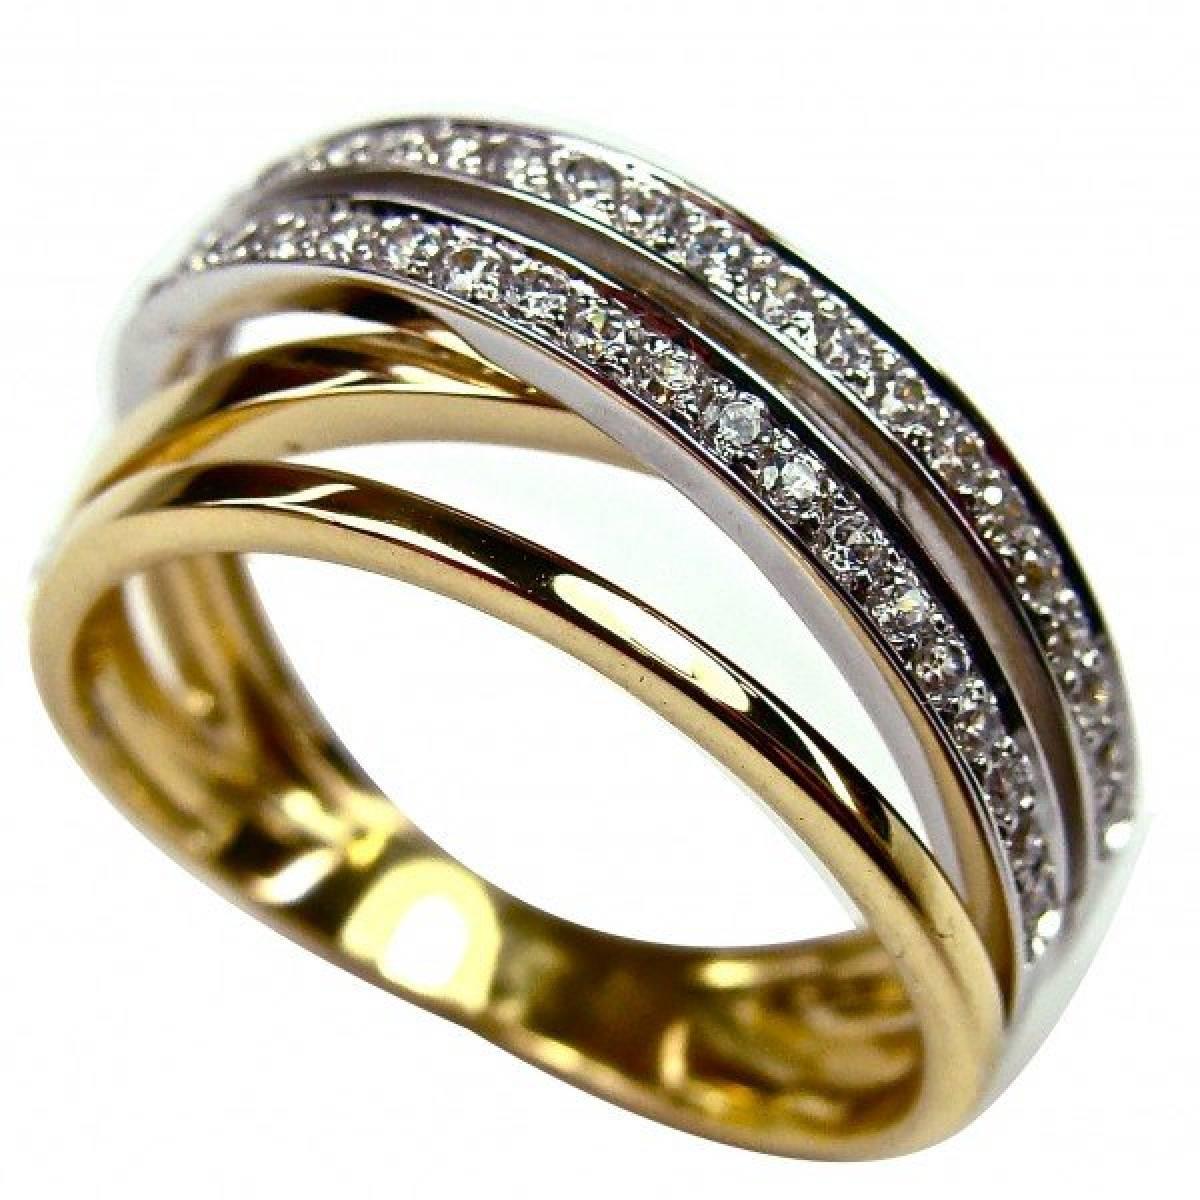 Anel de Noivado em Ouro Bicolor de 9 ou 19 kts, com Diamantes ou zircónias